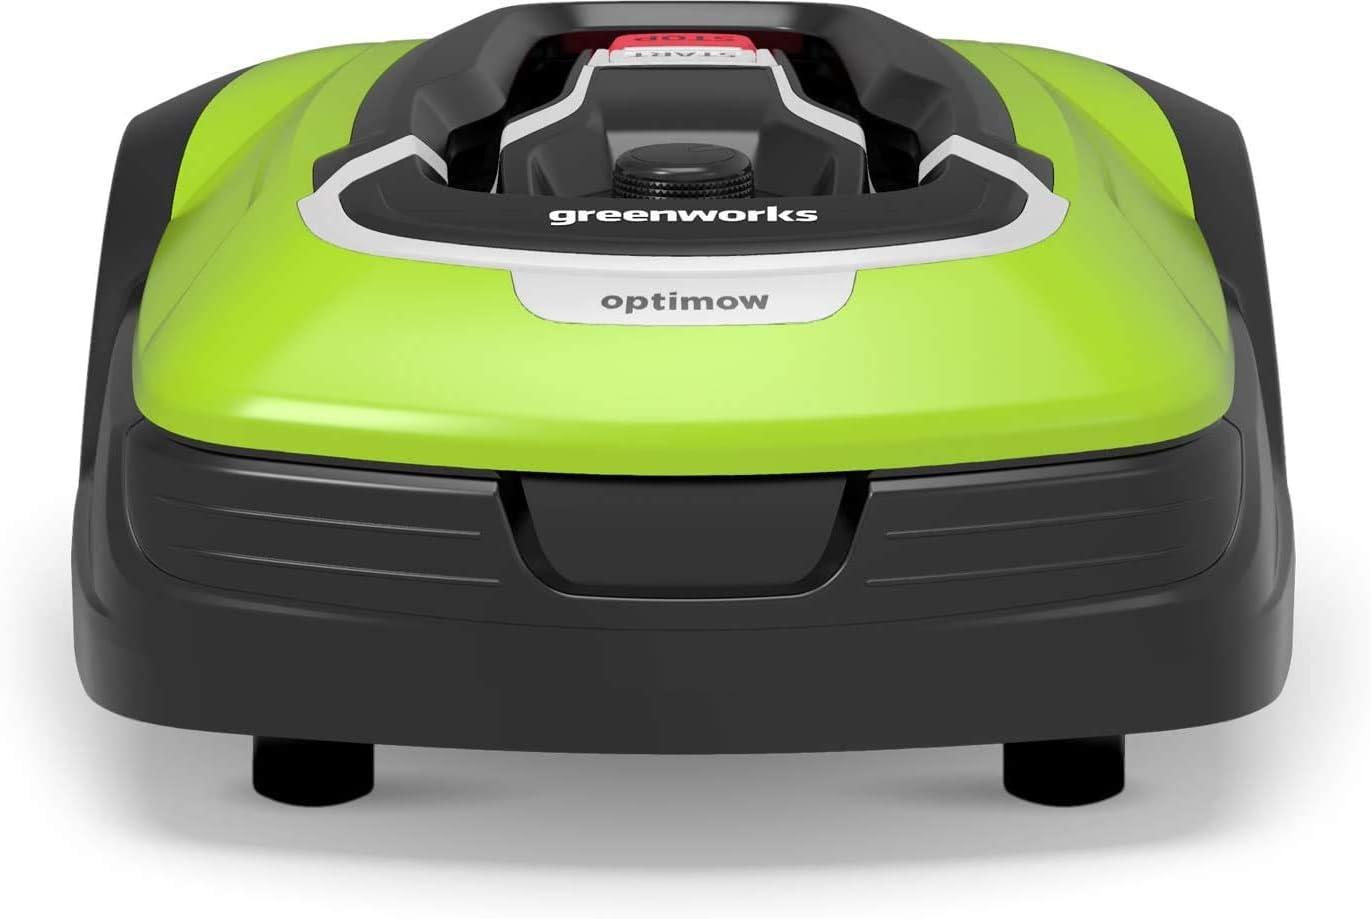 Greenworks Cortador robótico Optimow 15 (batería automática con estación de carga silencioso 1500m2 con App. inteligente GreenGuide,35% inclinación,20-60mm altura corte,70min tiempo siega )